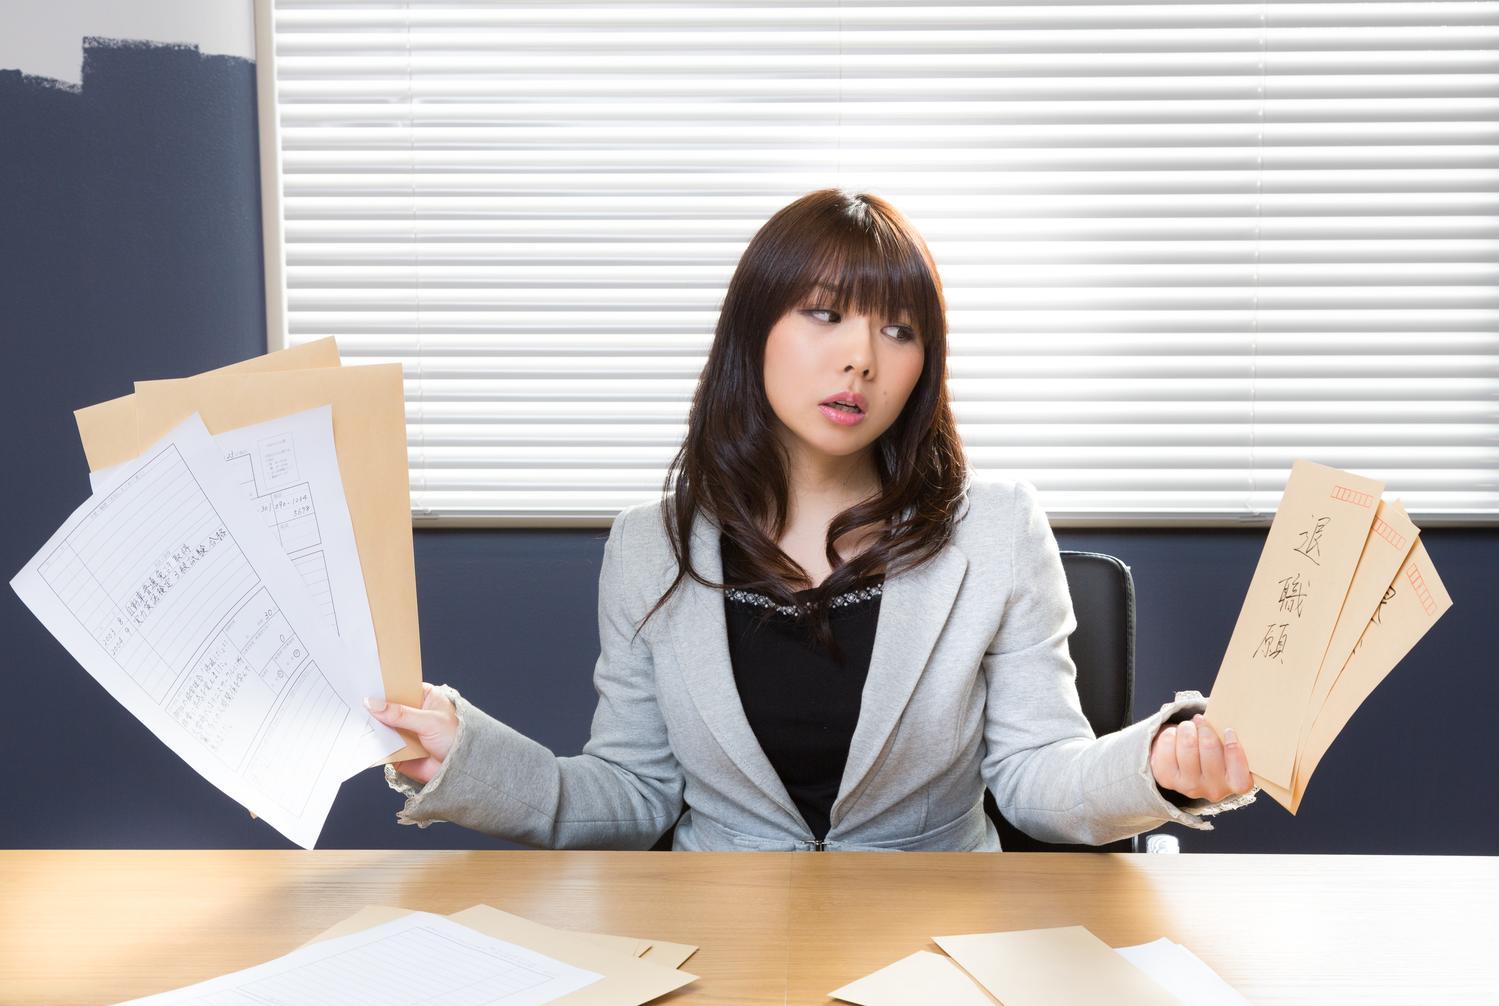 『就職活動の為に離職中』の方々へ